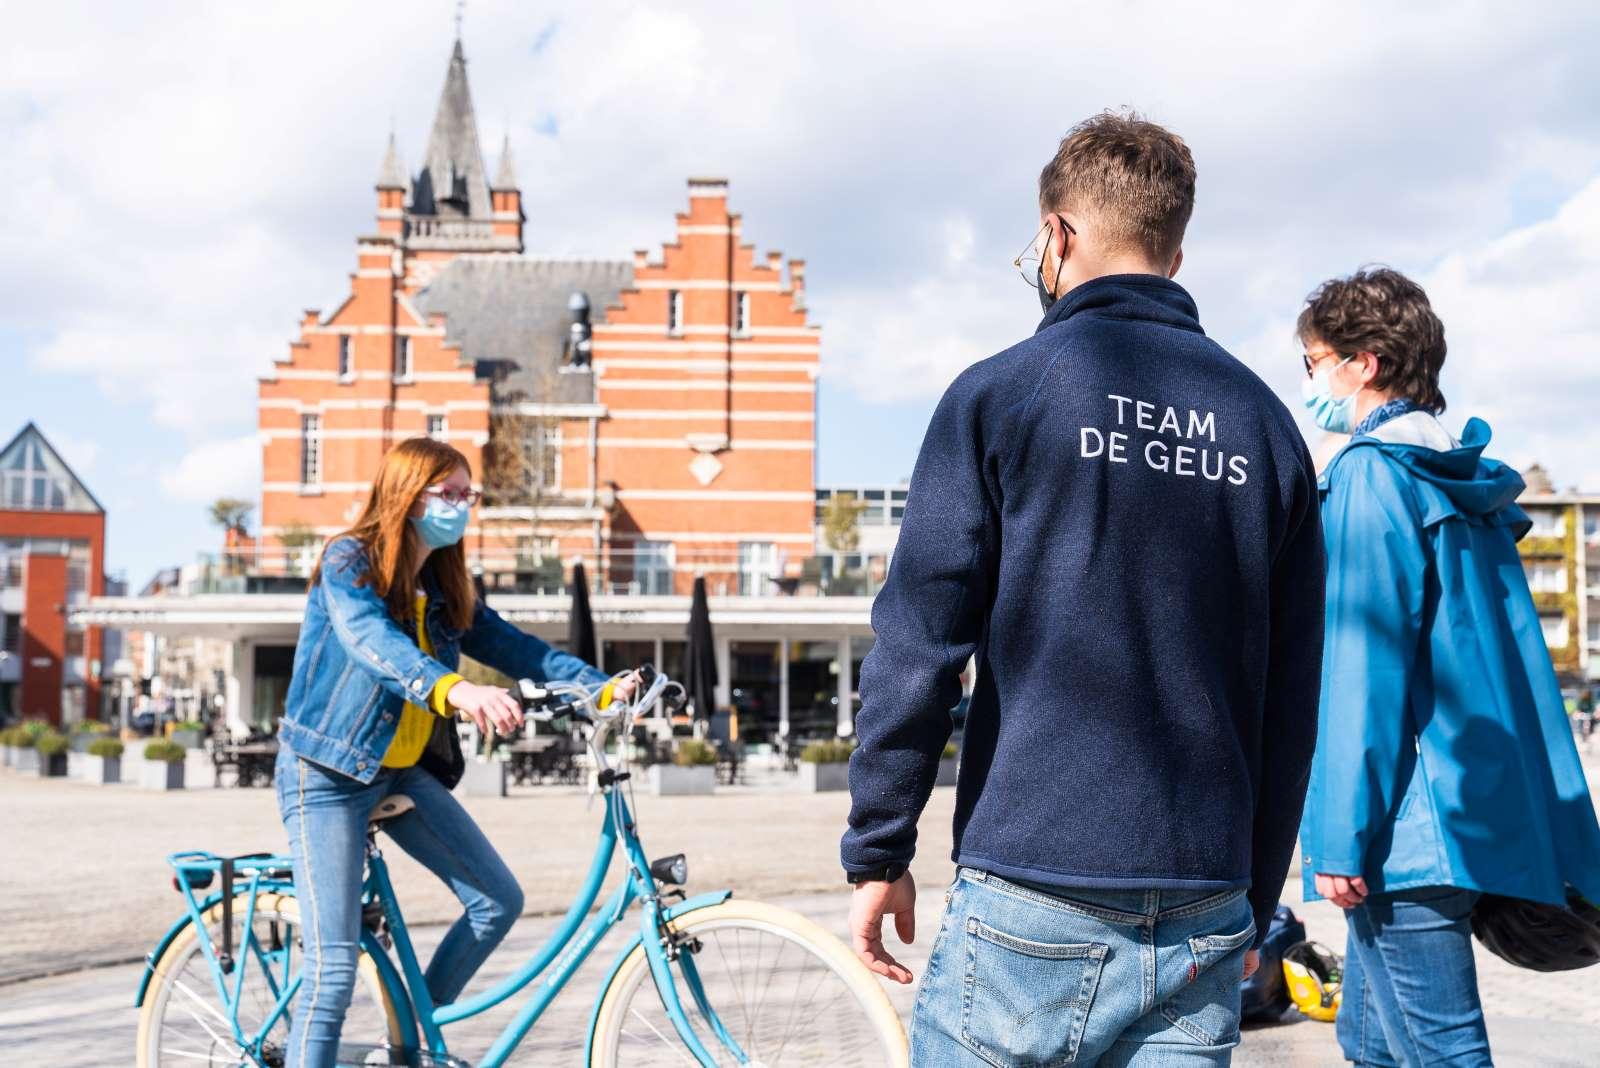 Testrit maken fiets Edegem fietsenwinkel